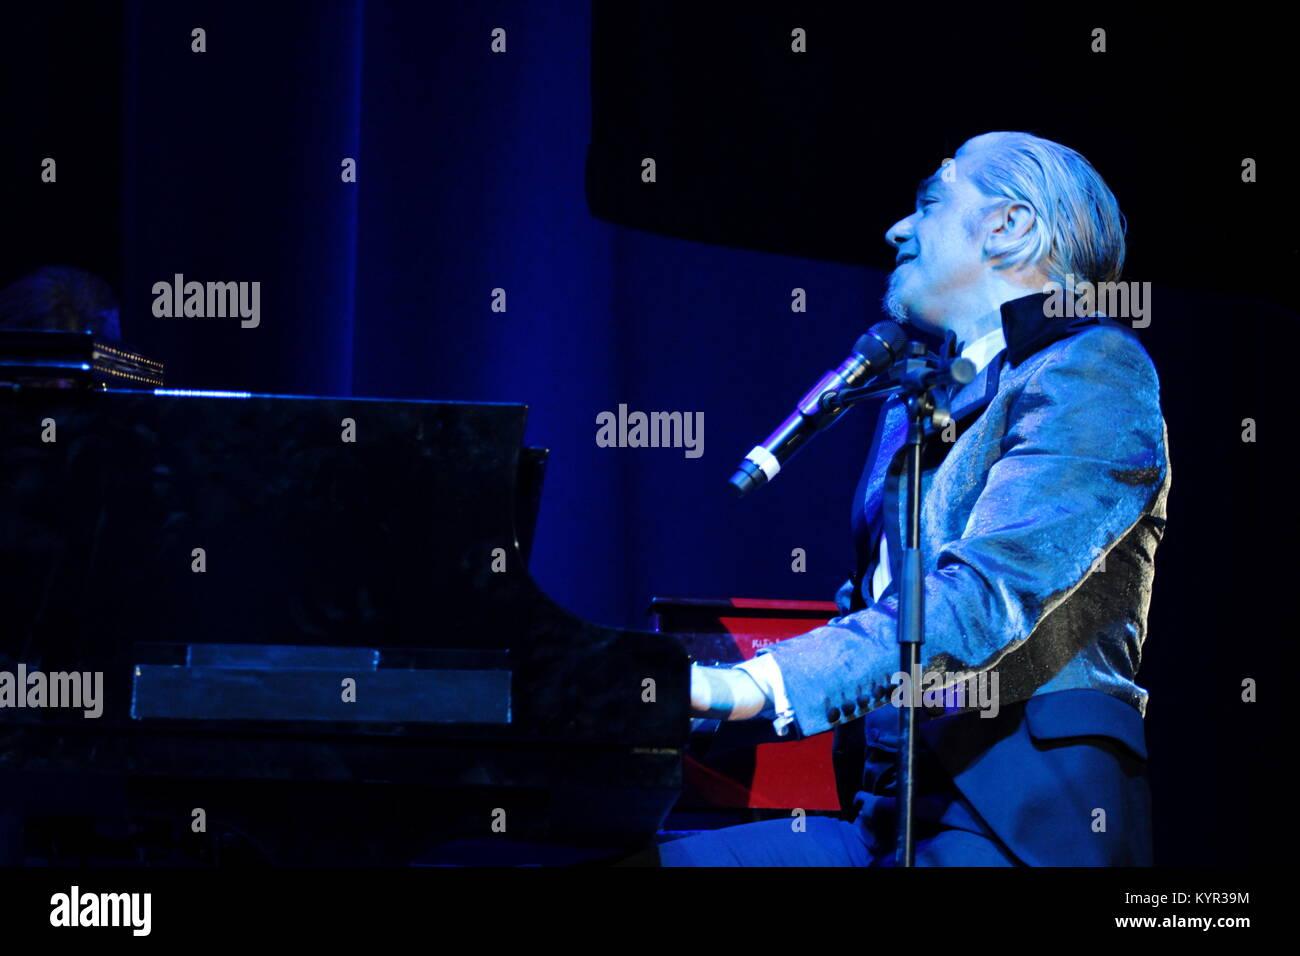 Morgan Premio tratto la di canta dall'Antologia River Andrè al Spoon musica' De Tenco 'Complice VGjLqzpMSU